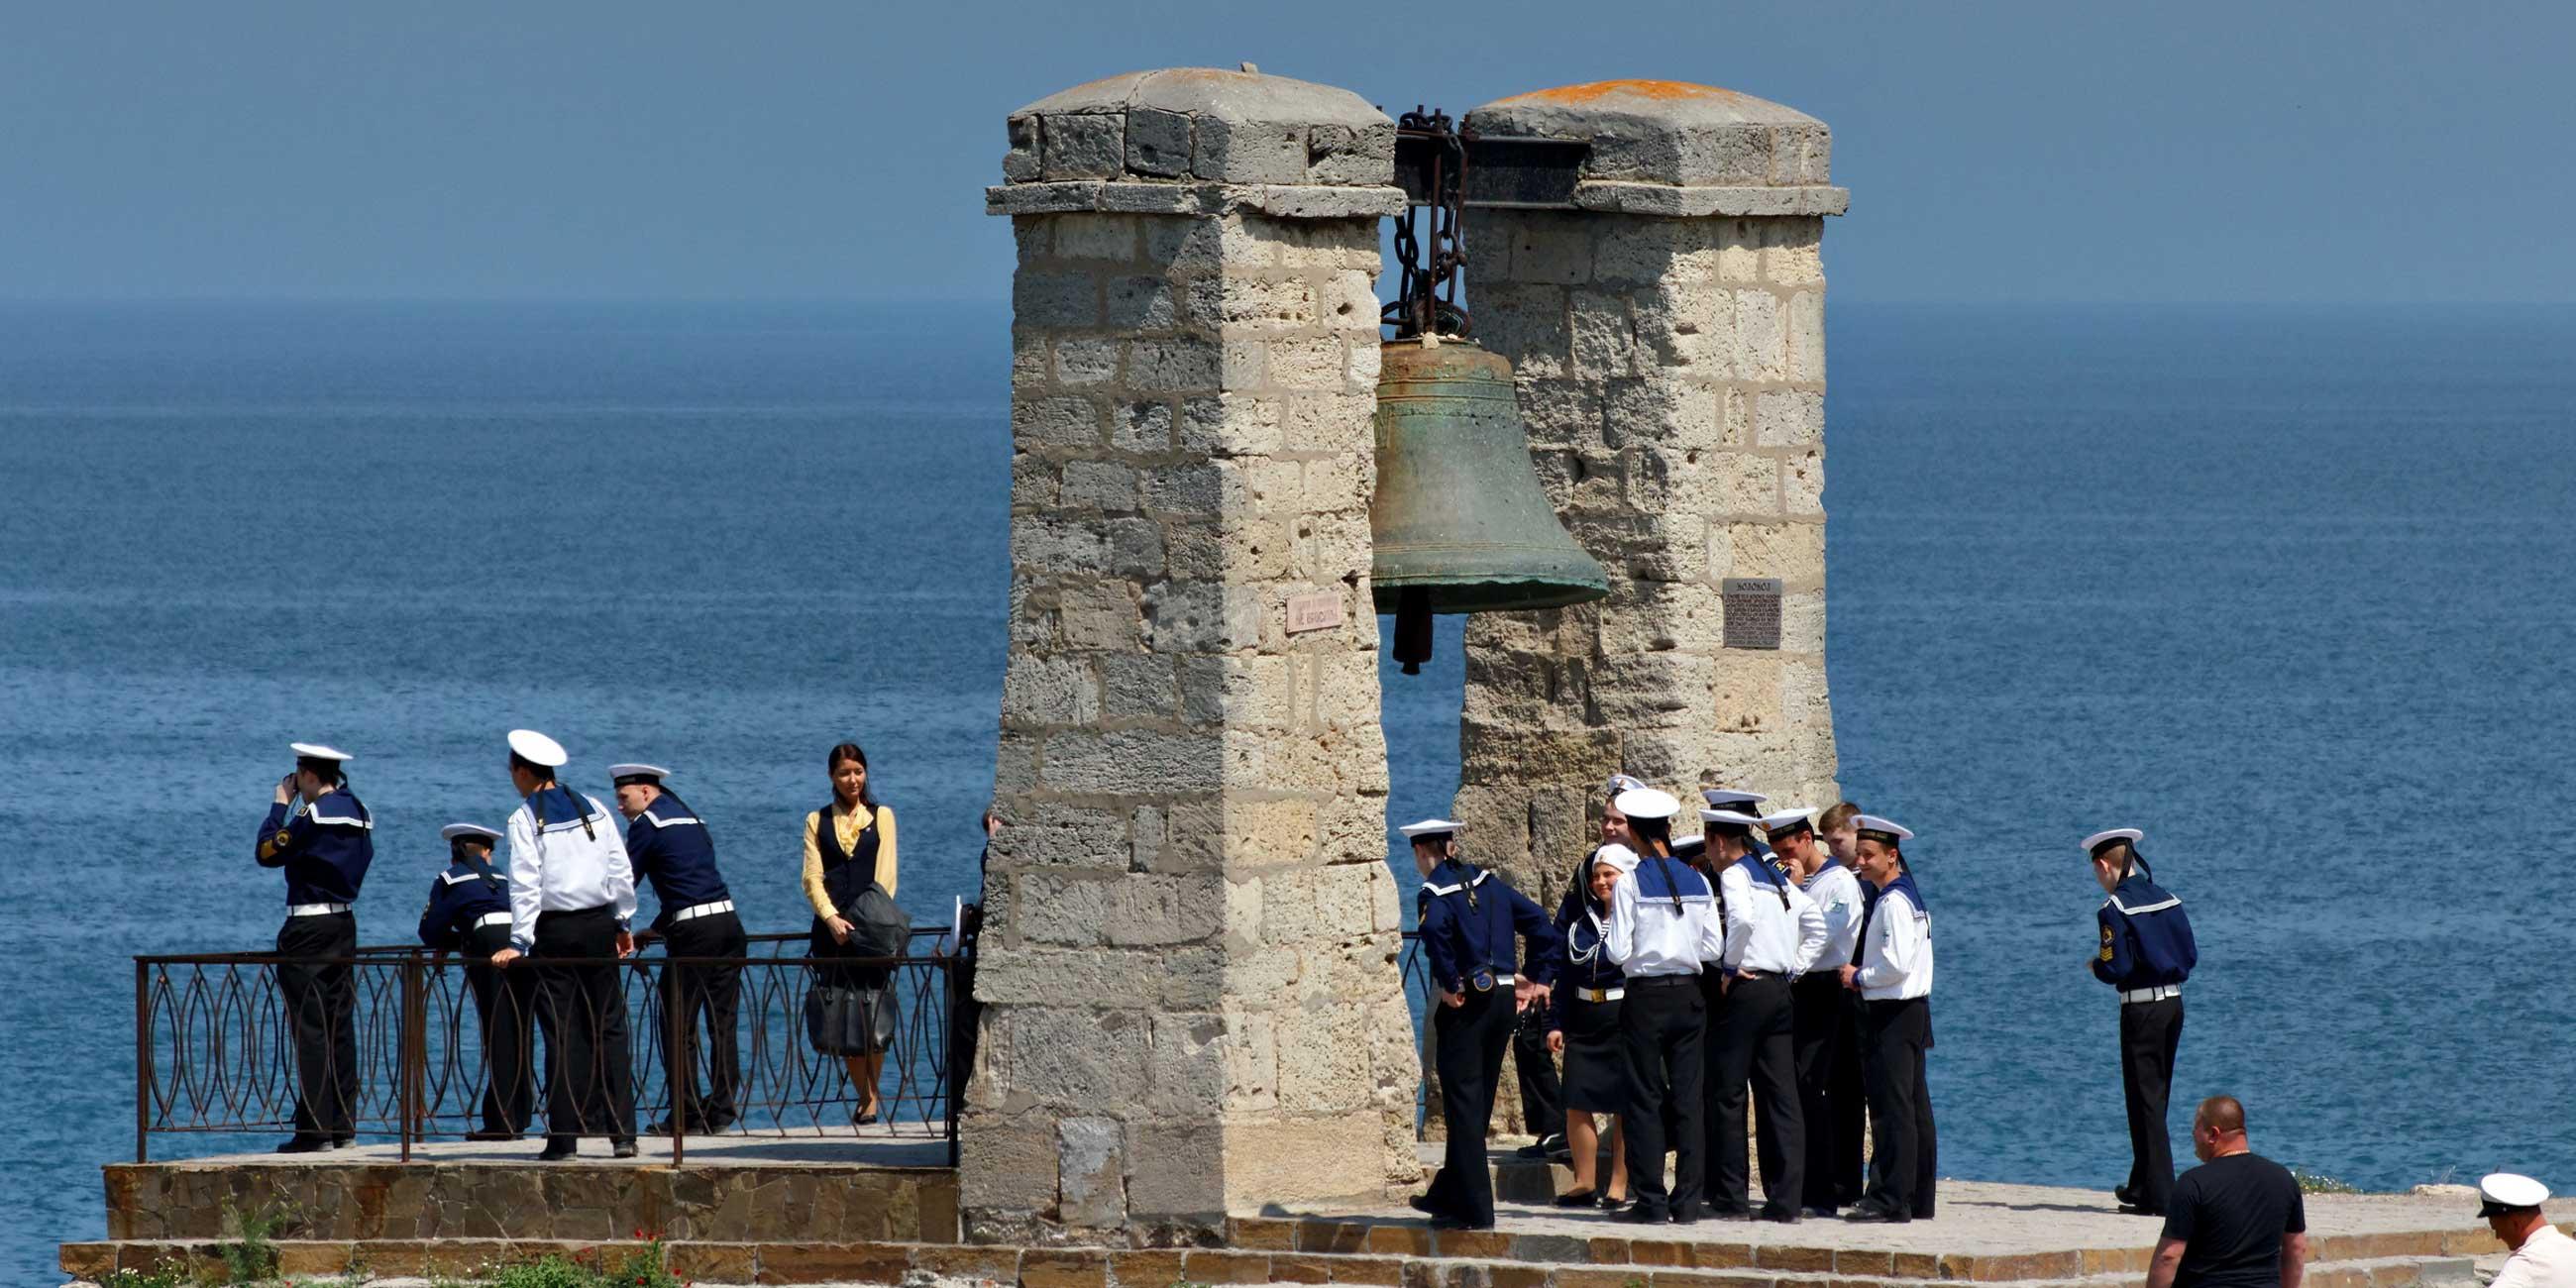 Знаменитый колокол в Херсонесе весит почти 5,5 тоннФото: Алекс Малев, flickr.com